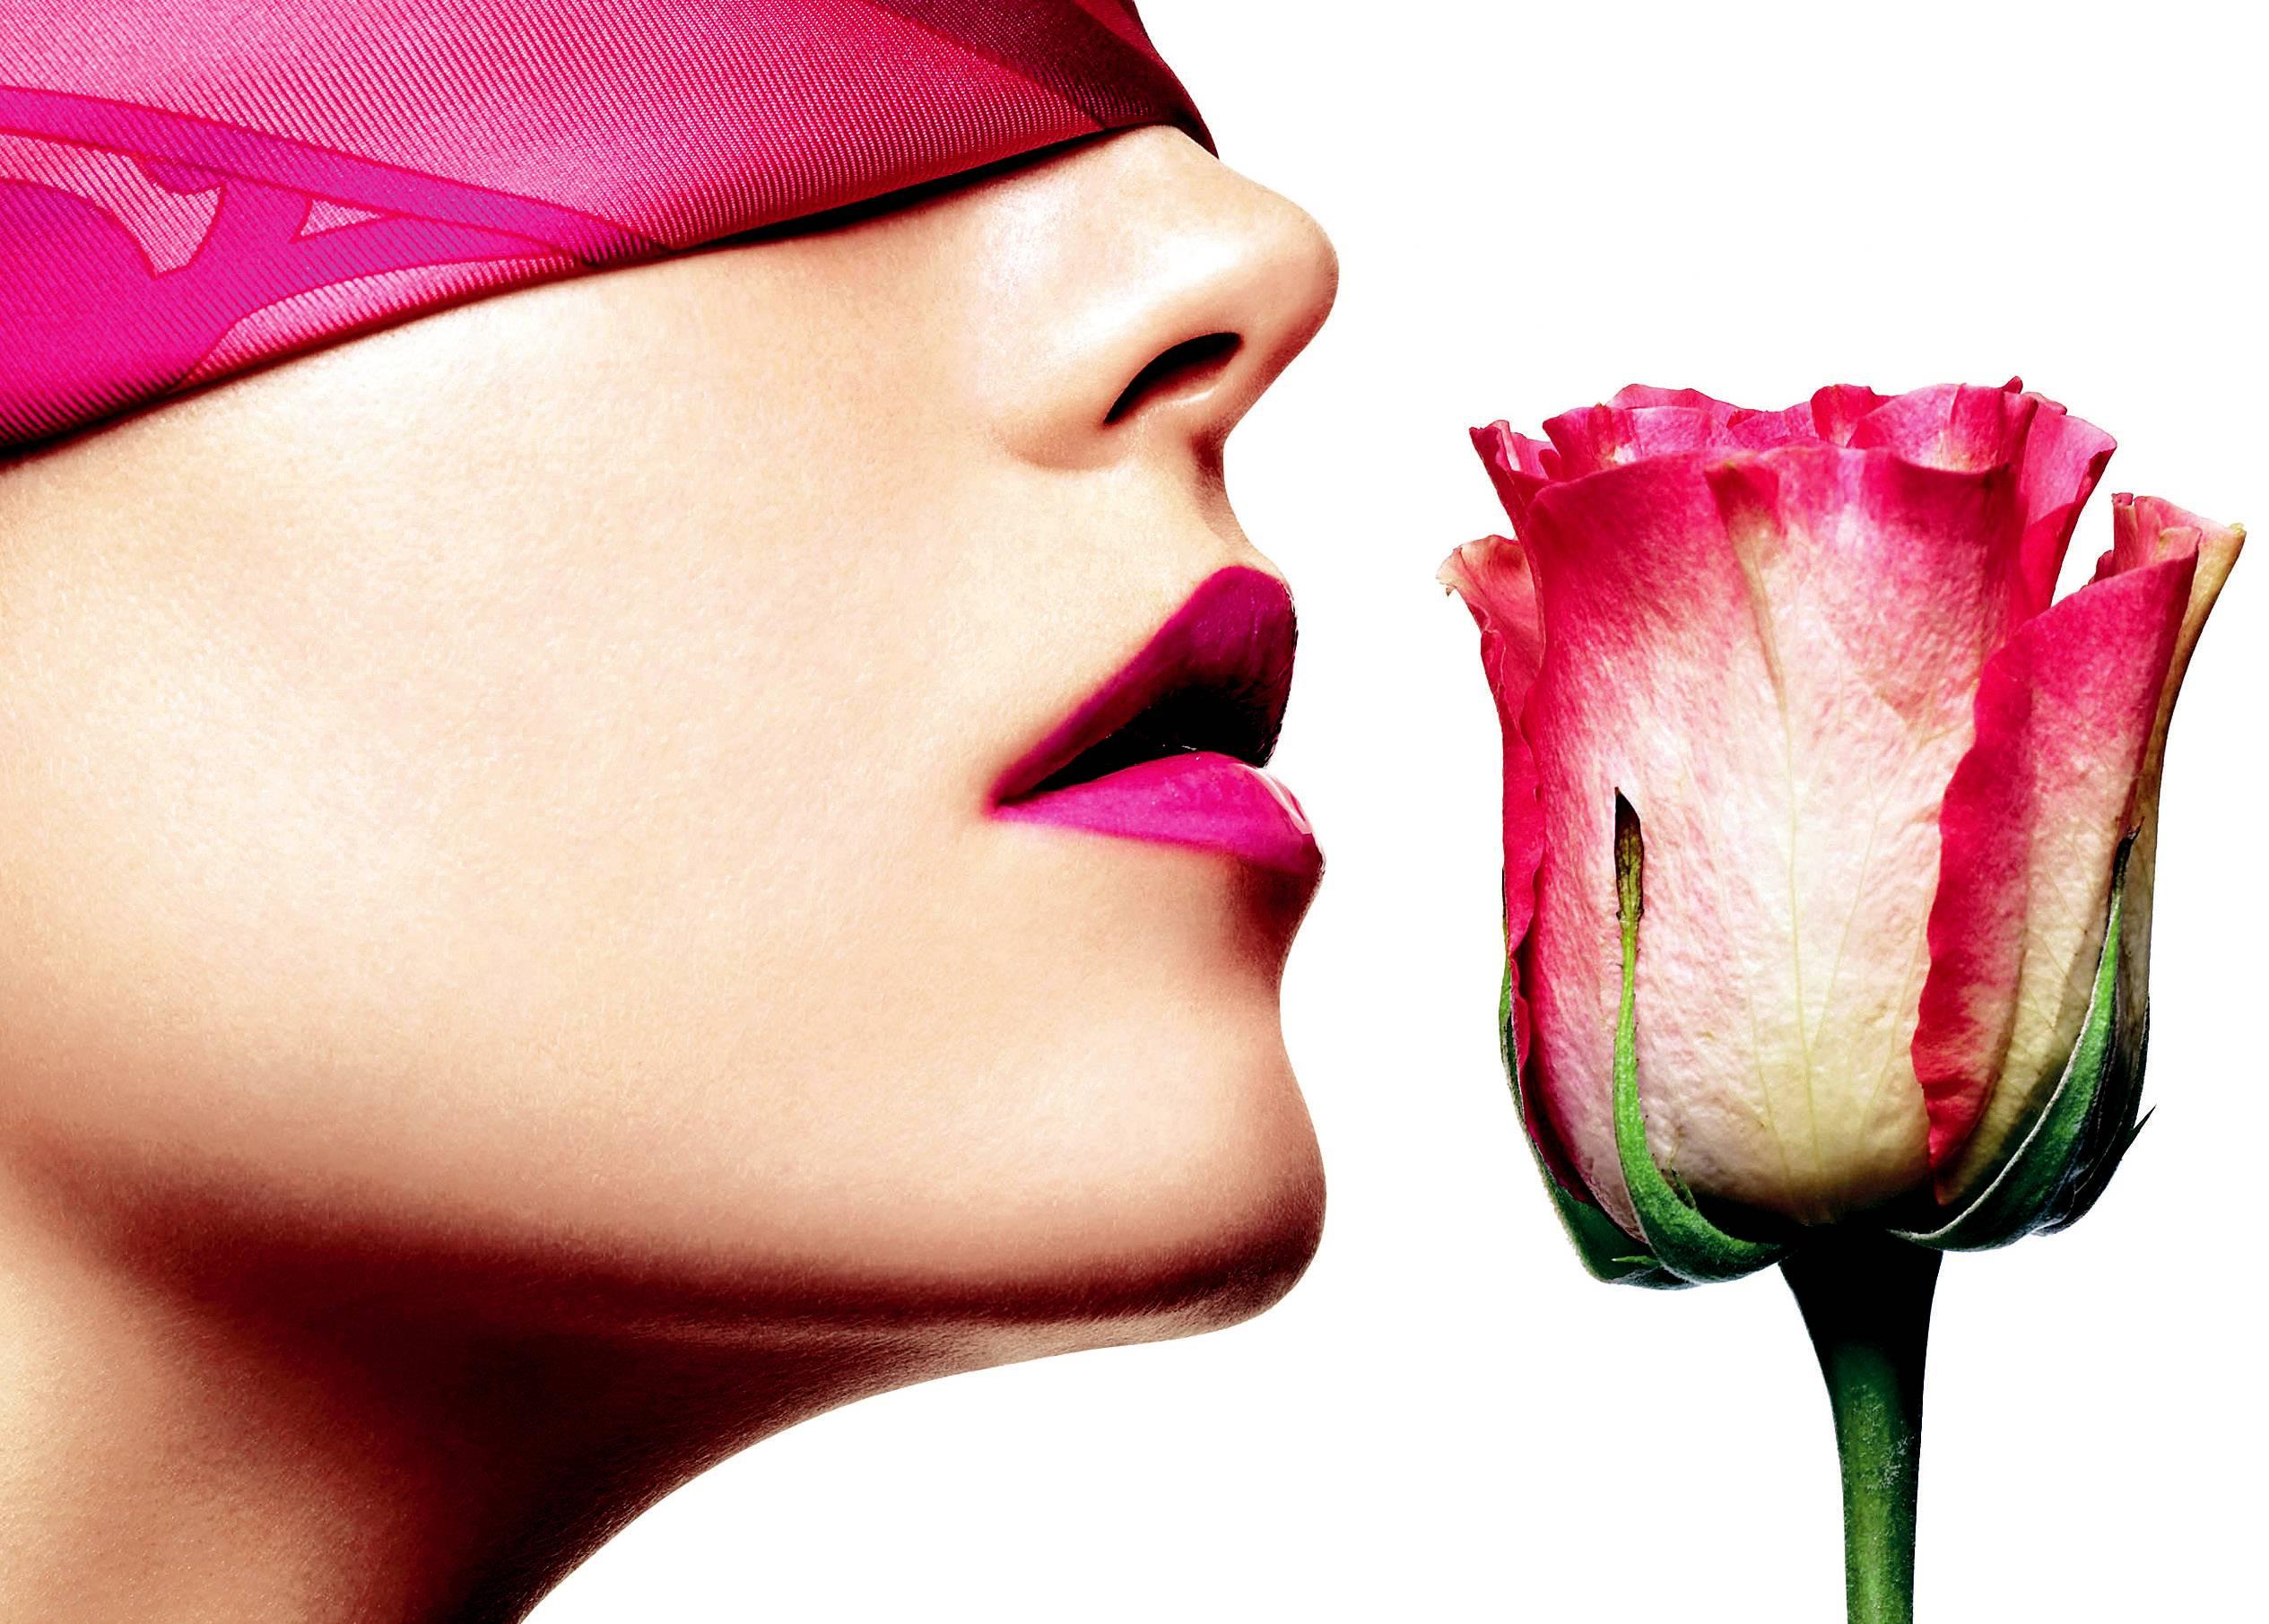 Nước hoa có thành phần chiết xuất từ tinh dầu hương hoa hồng sẽ có mùi thơm của hoa hồng rất dễ chịu, mùi nhẹ nhàng nhưng nồng nàn, quyến rũ.